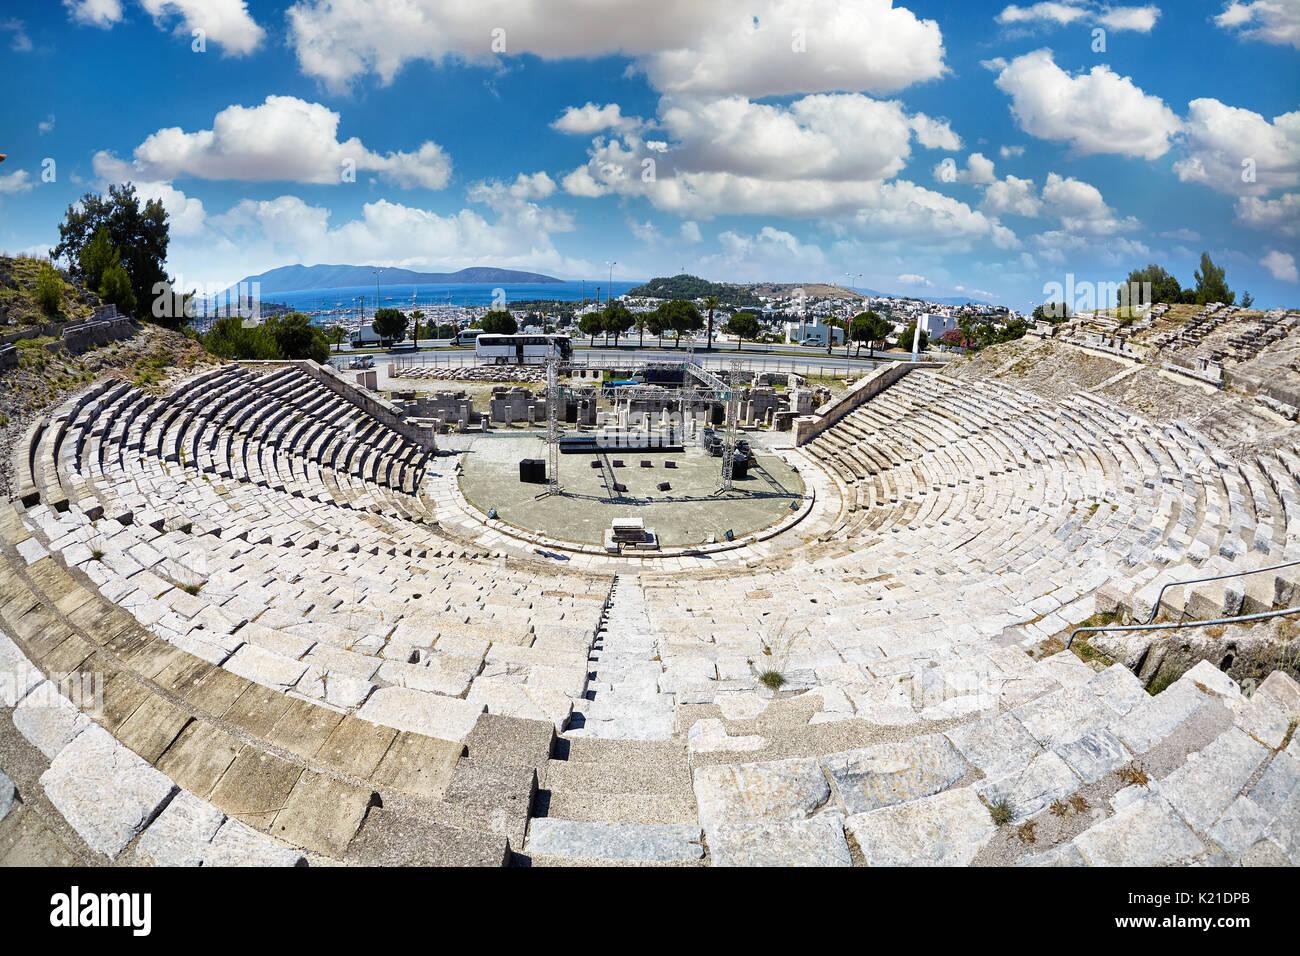 Ruines du théâtre antique de Bodrum , halikarnassos ancienne ville en Turquie Photo Stock